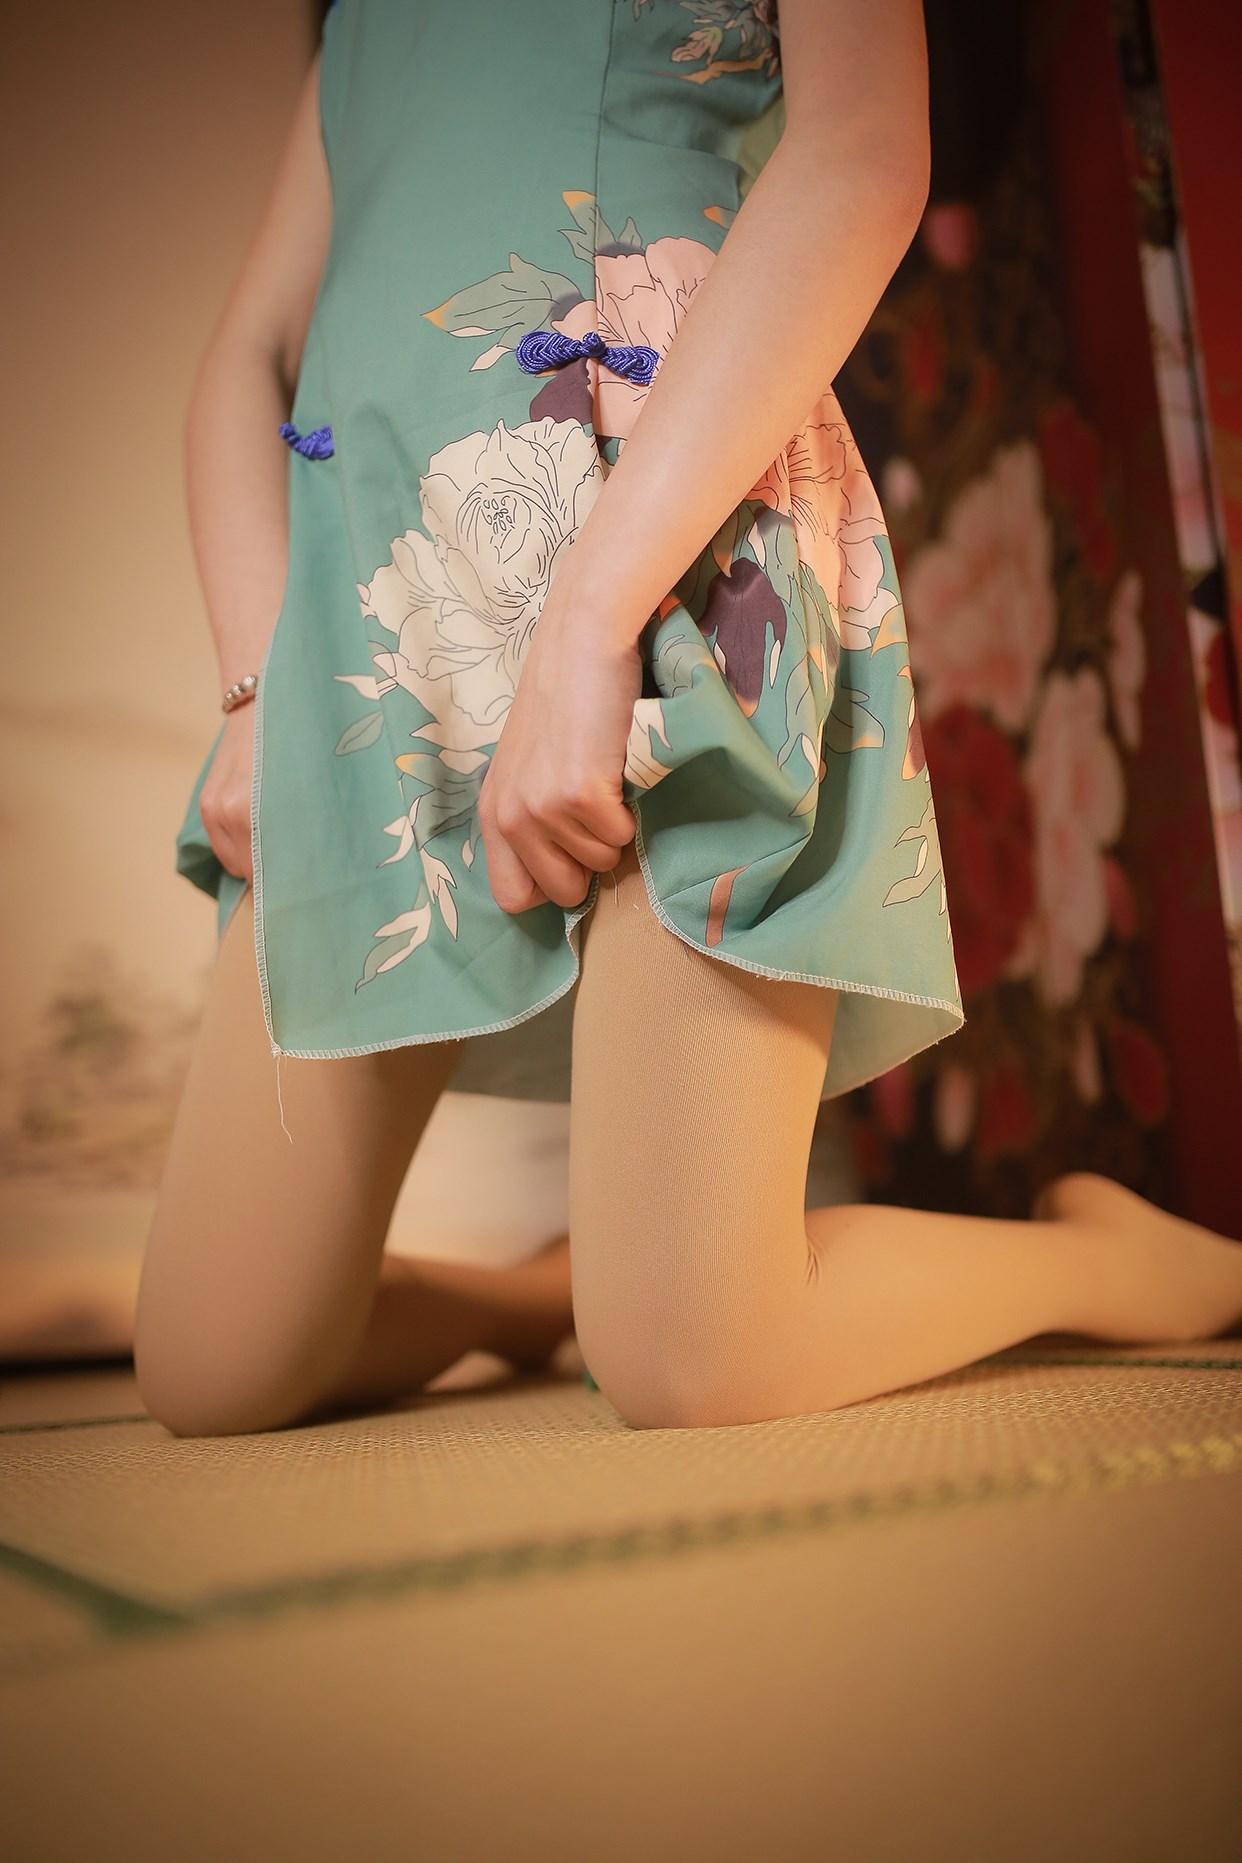 【兔玩映画】伞下的旗袍少女 兔玩映画 第11张